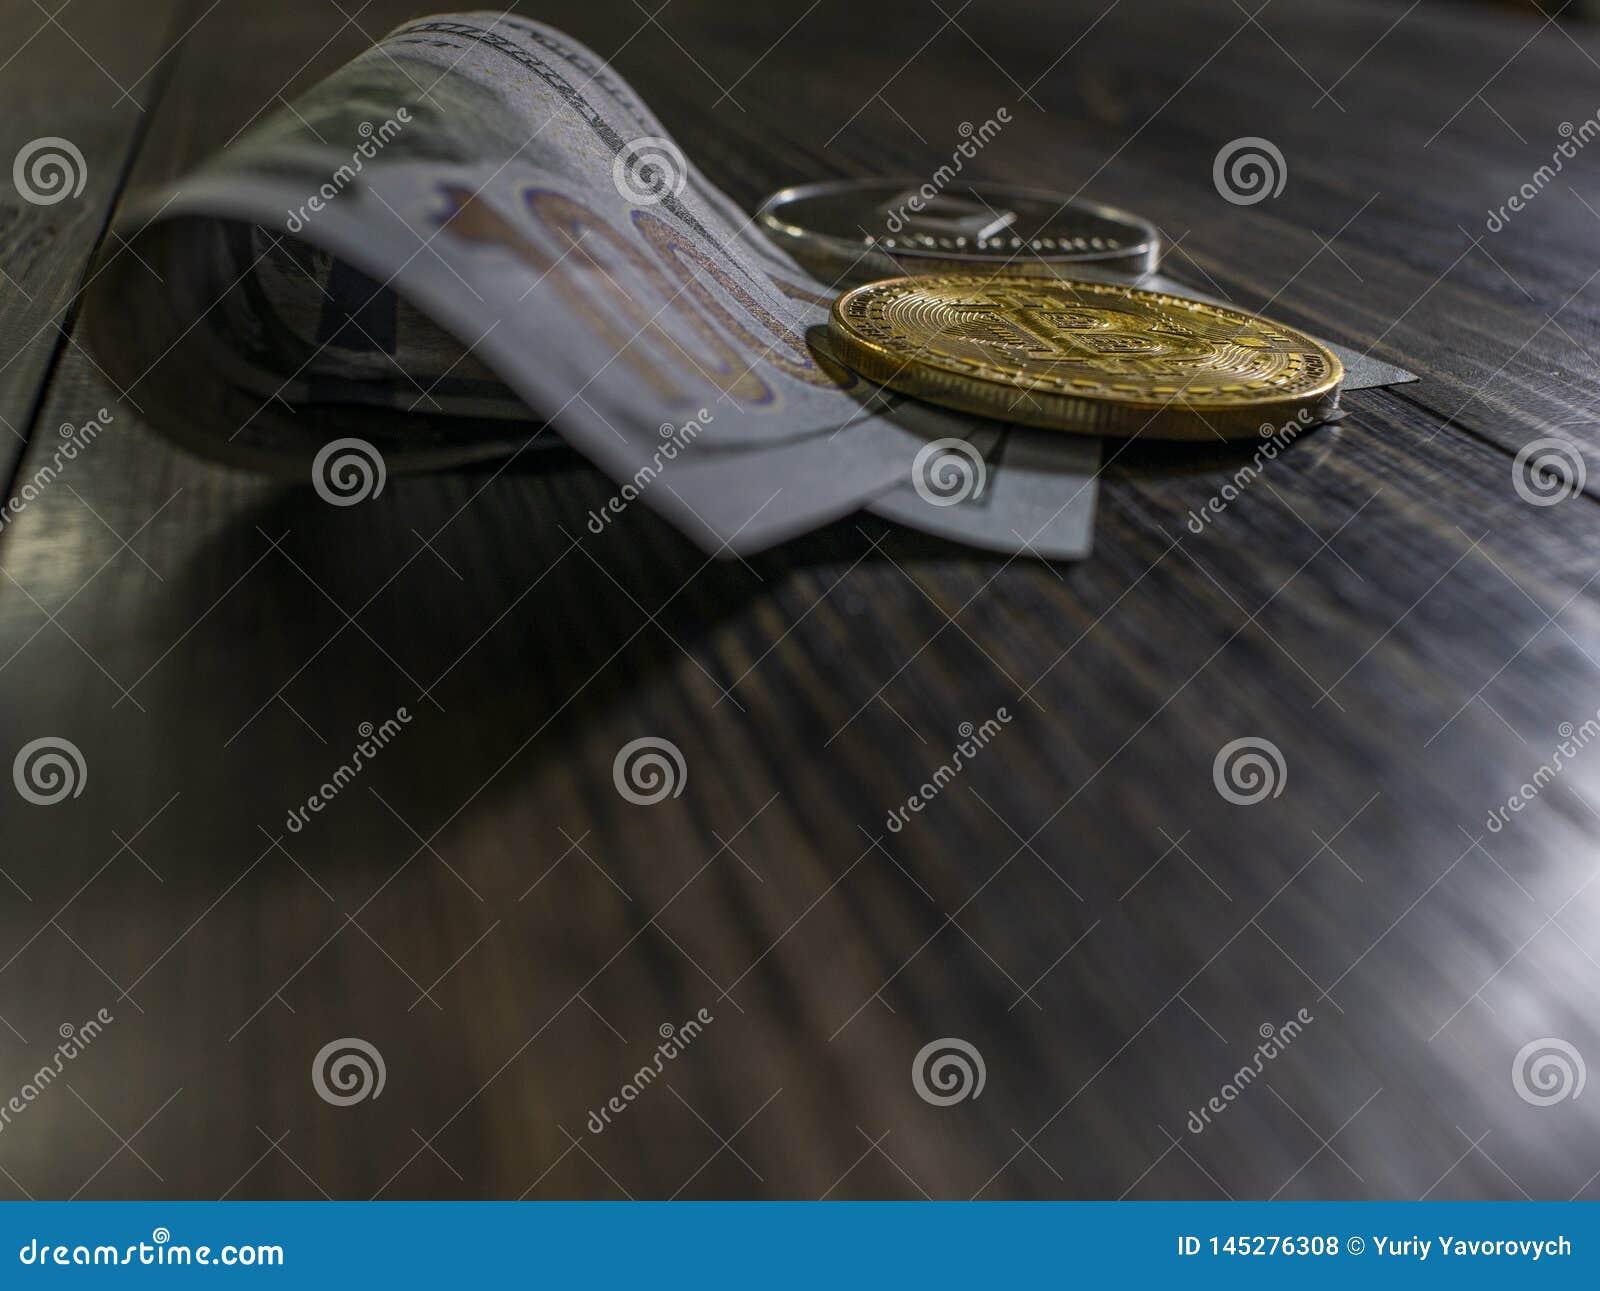 Bitcoin och Ethereum p? sedlar av hundra dollar p? en tr?bakgrund Begreppsm?ssig bild f?r v?rldsomsp?nnande cryptocurrency och